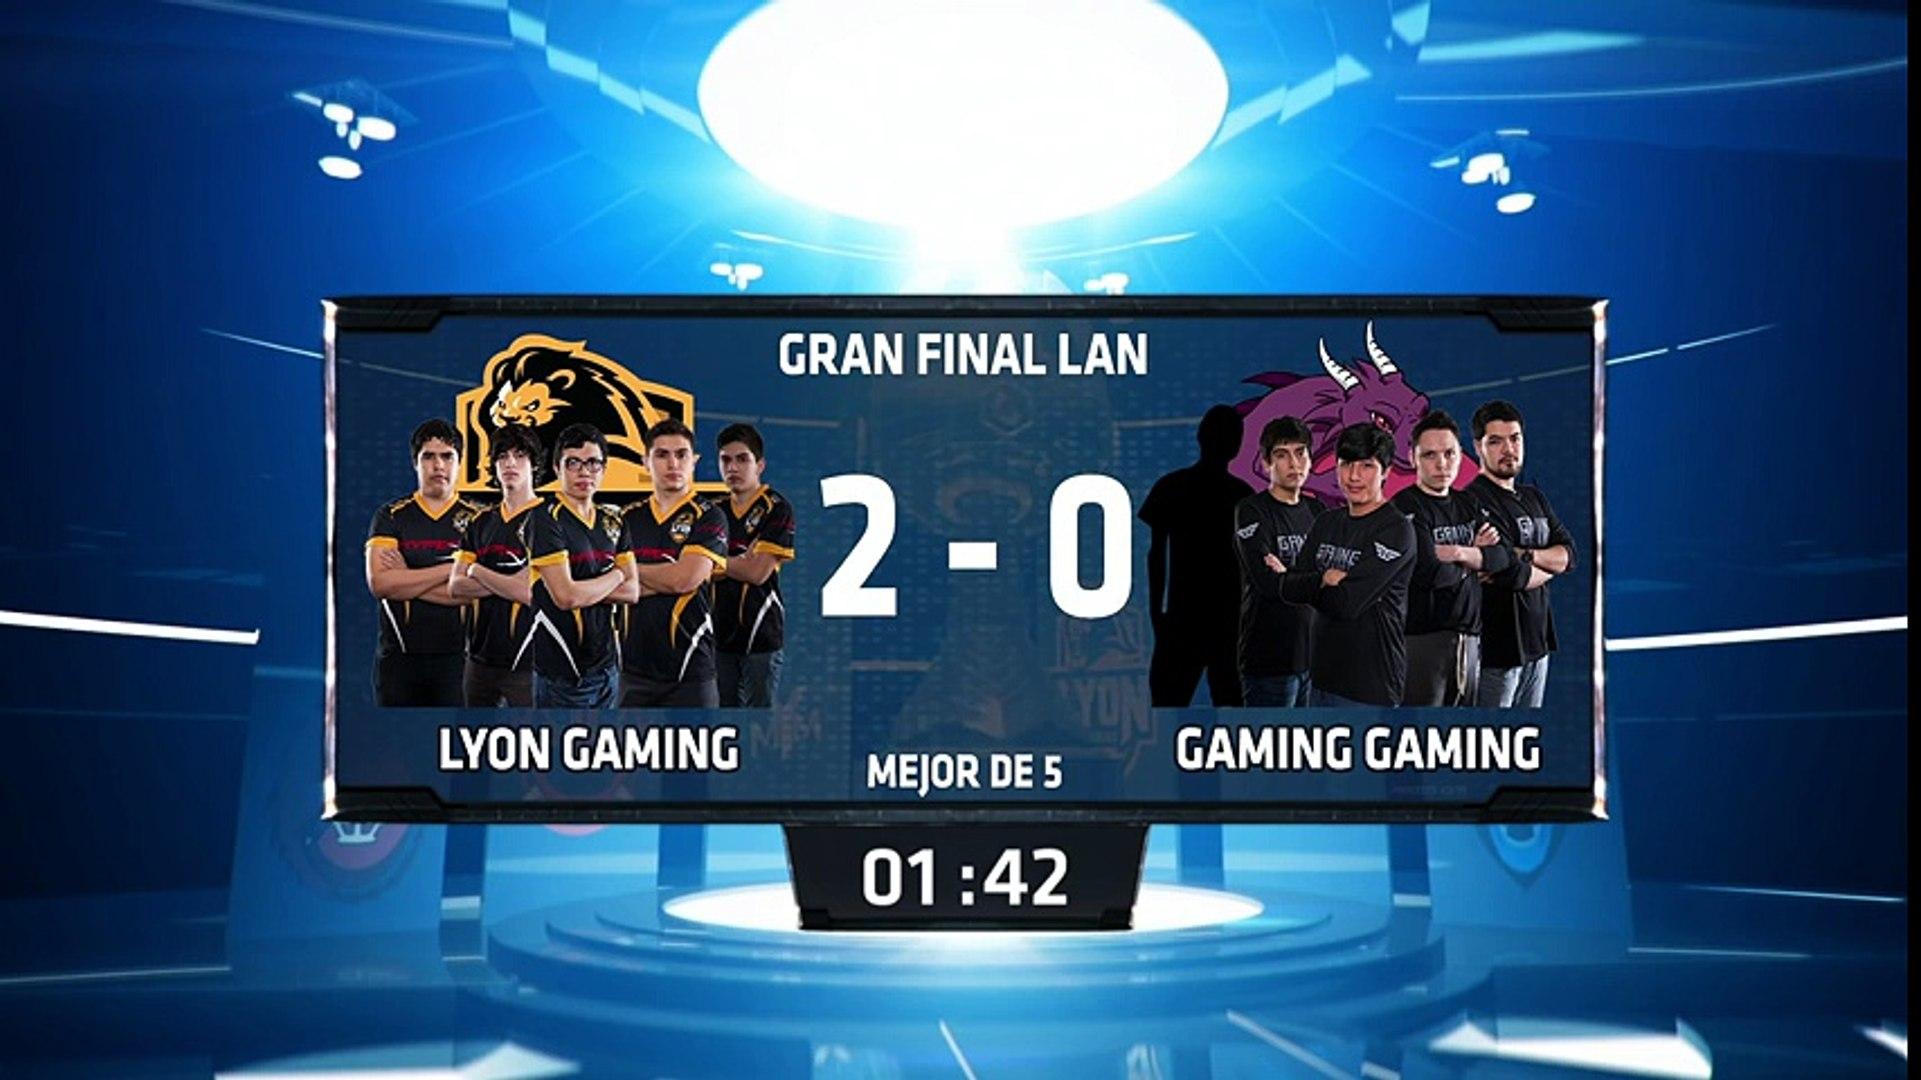 Lyon Gaming vs Gaming Gaming - La Final 60